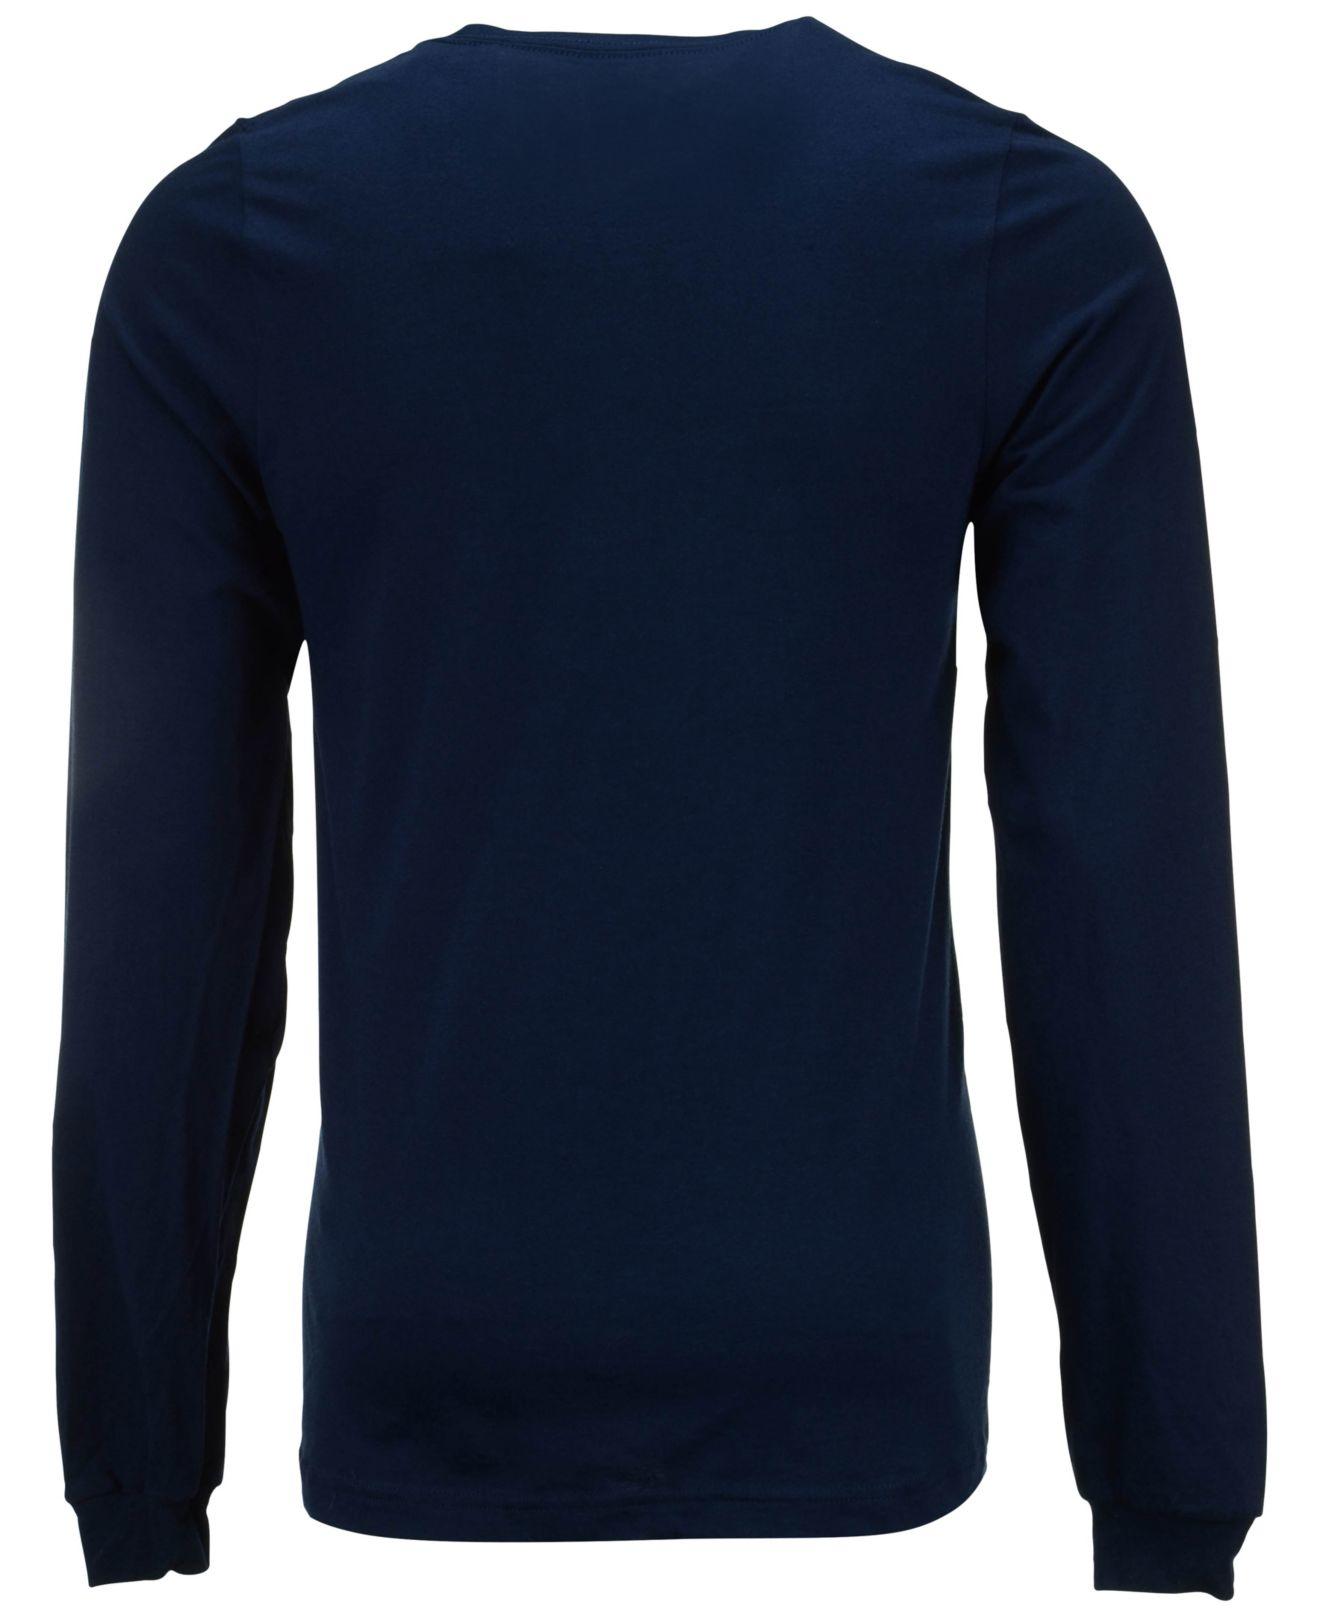 b0595068158 galaxy clothes for men - Ecosia